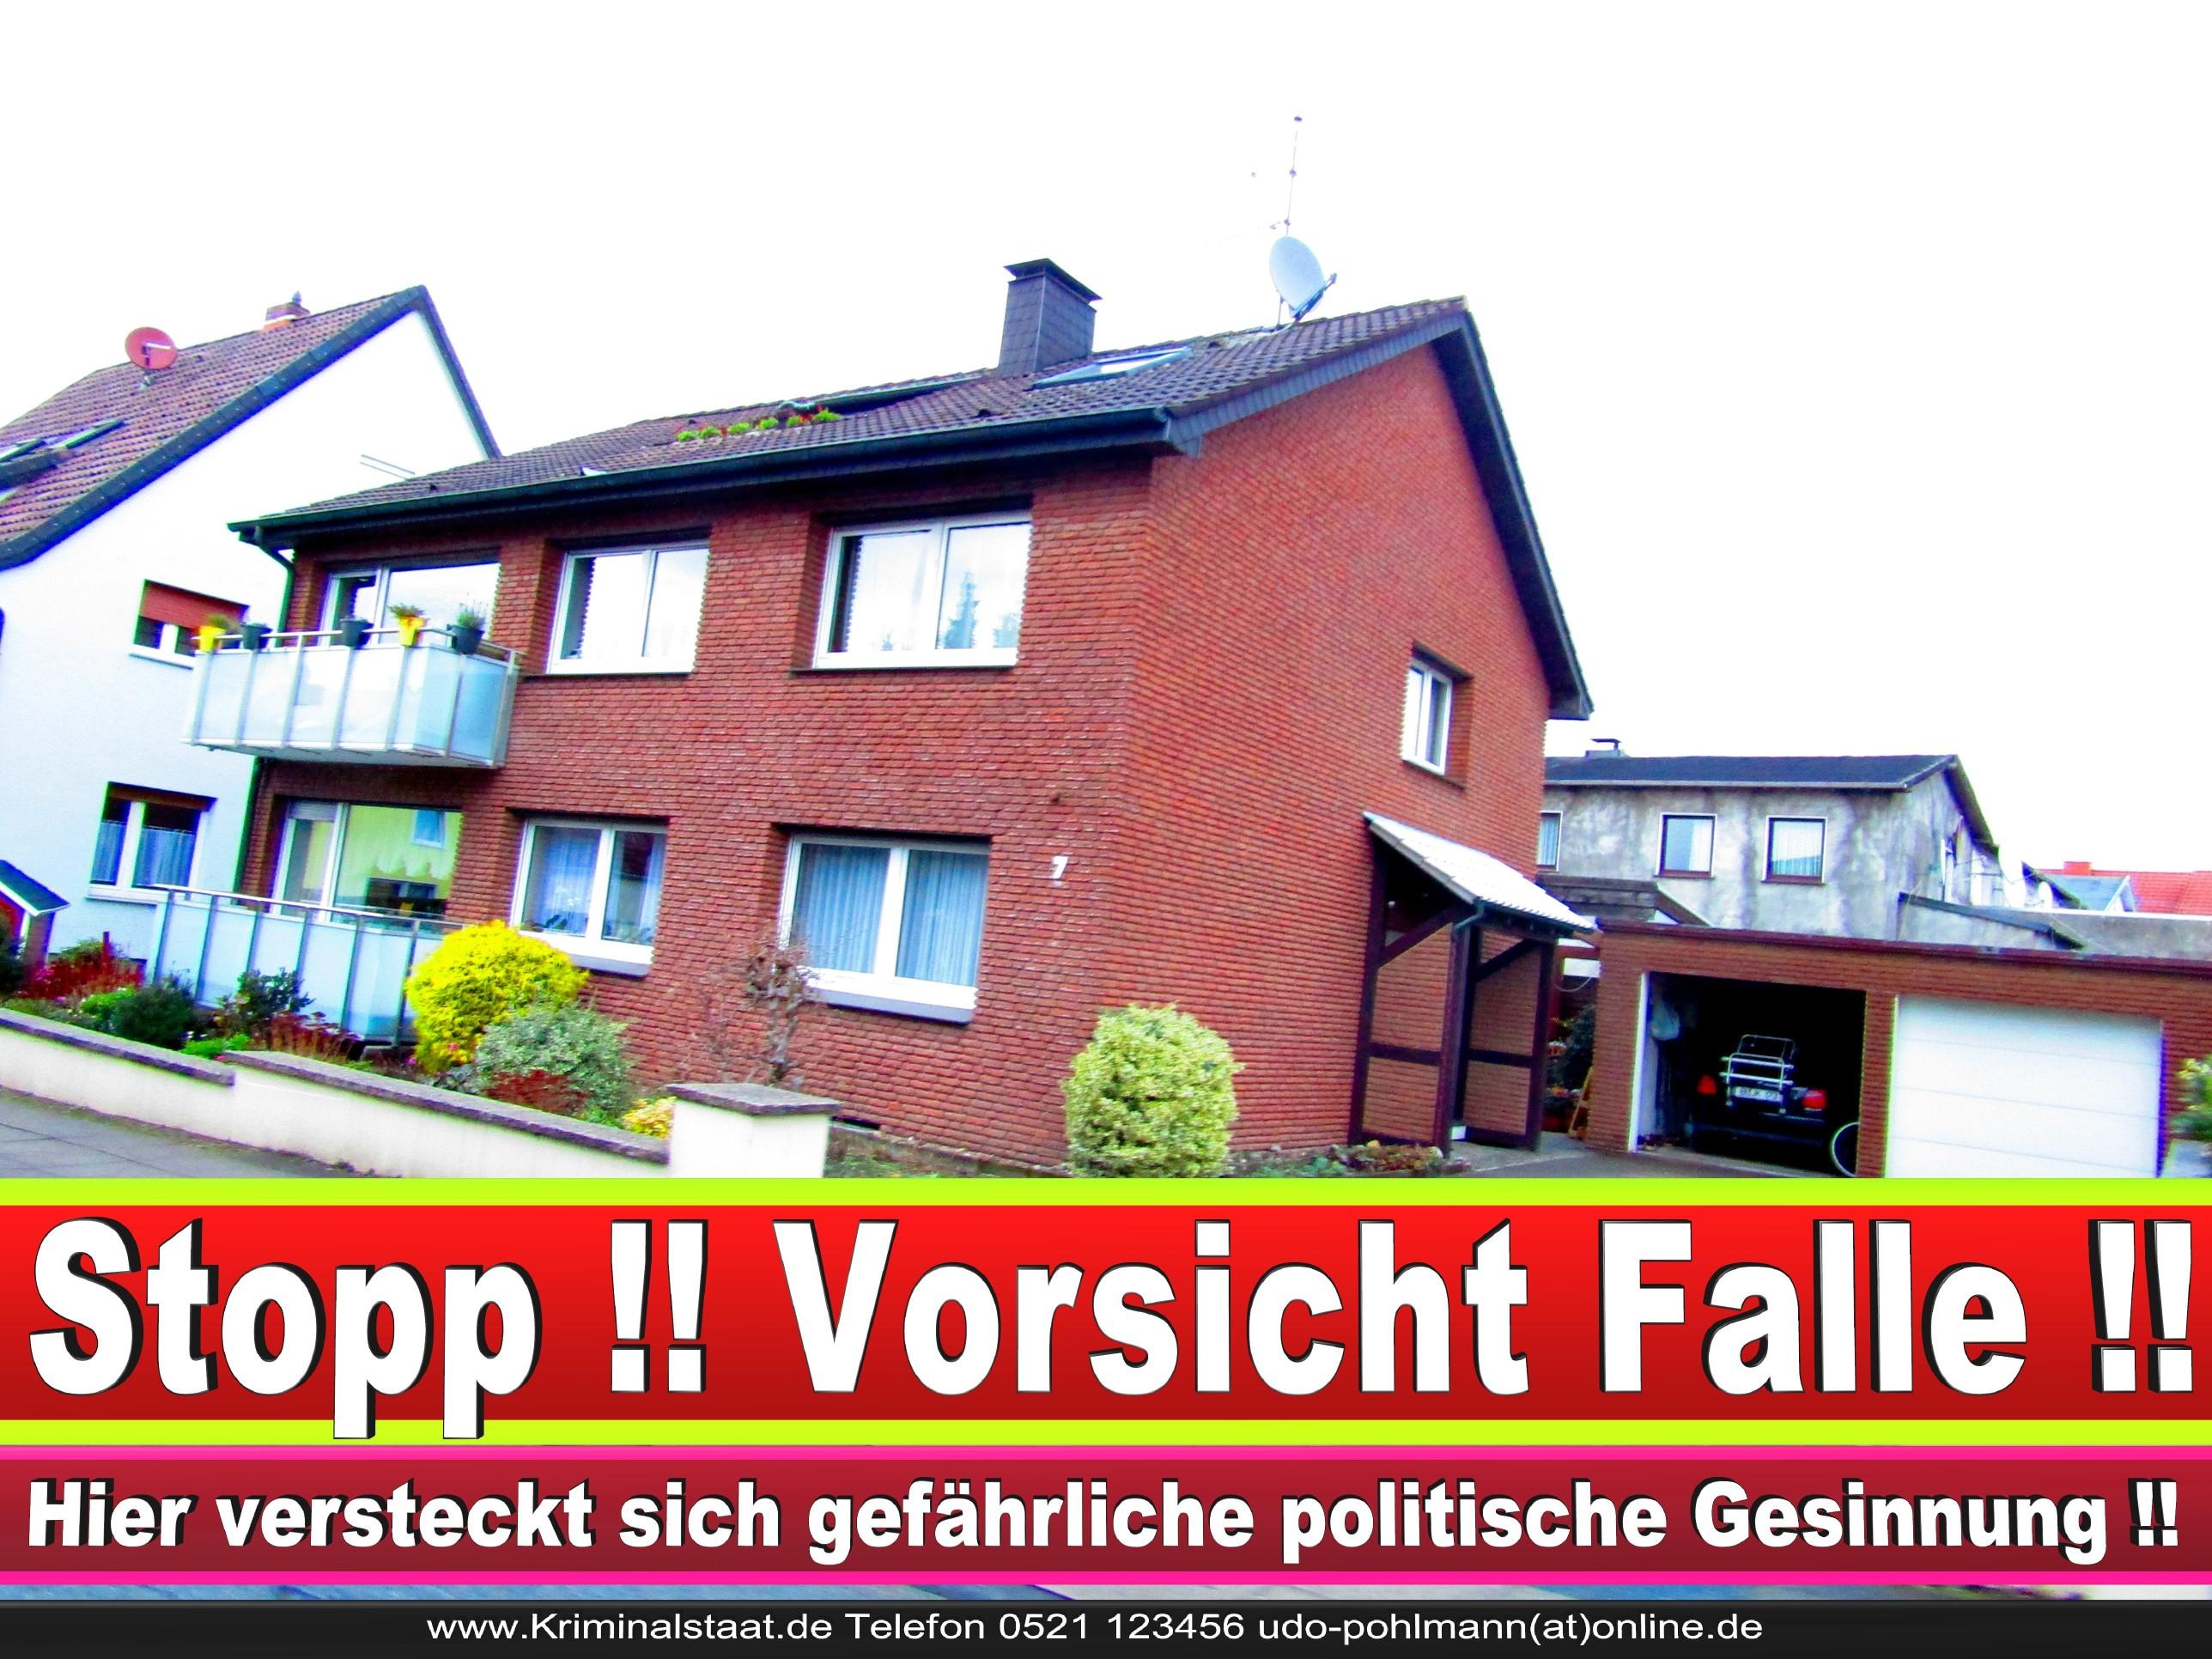 Carsten Krumhöfner CDU Bielefeld CDU NRW Jürgen Krumhöfner GbR Verlag Werbeagentur Dortmunder 3 1